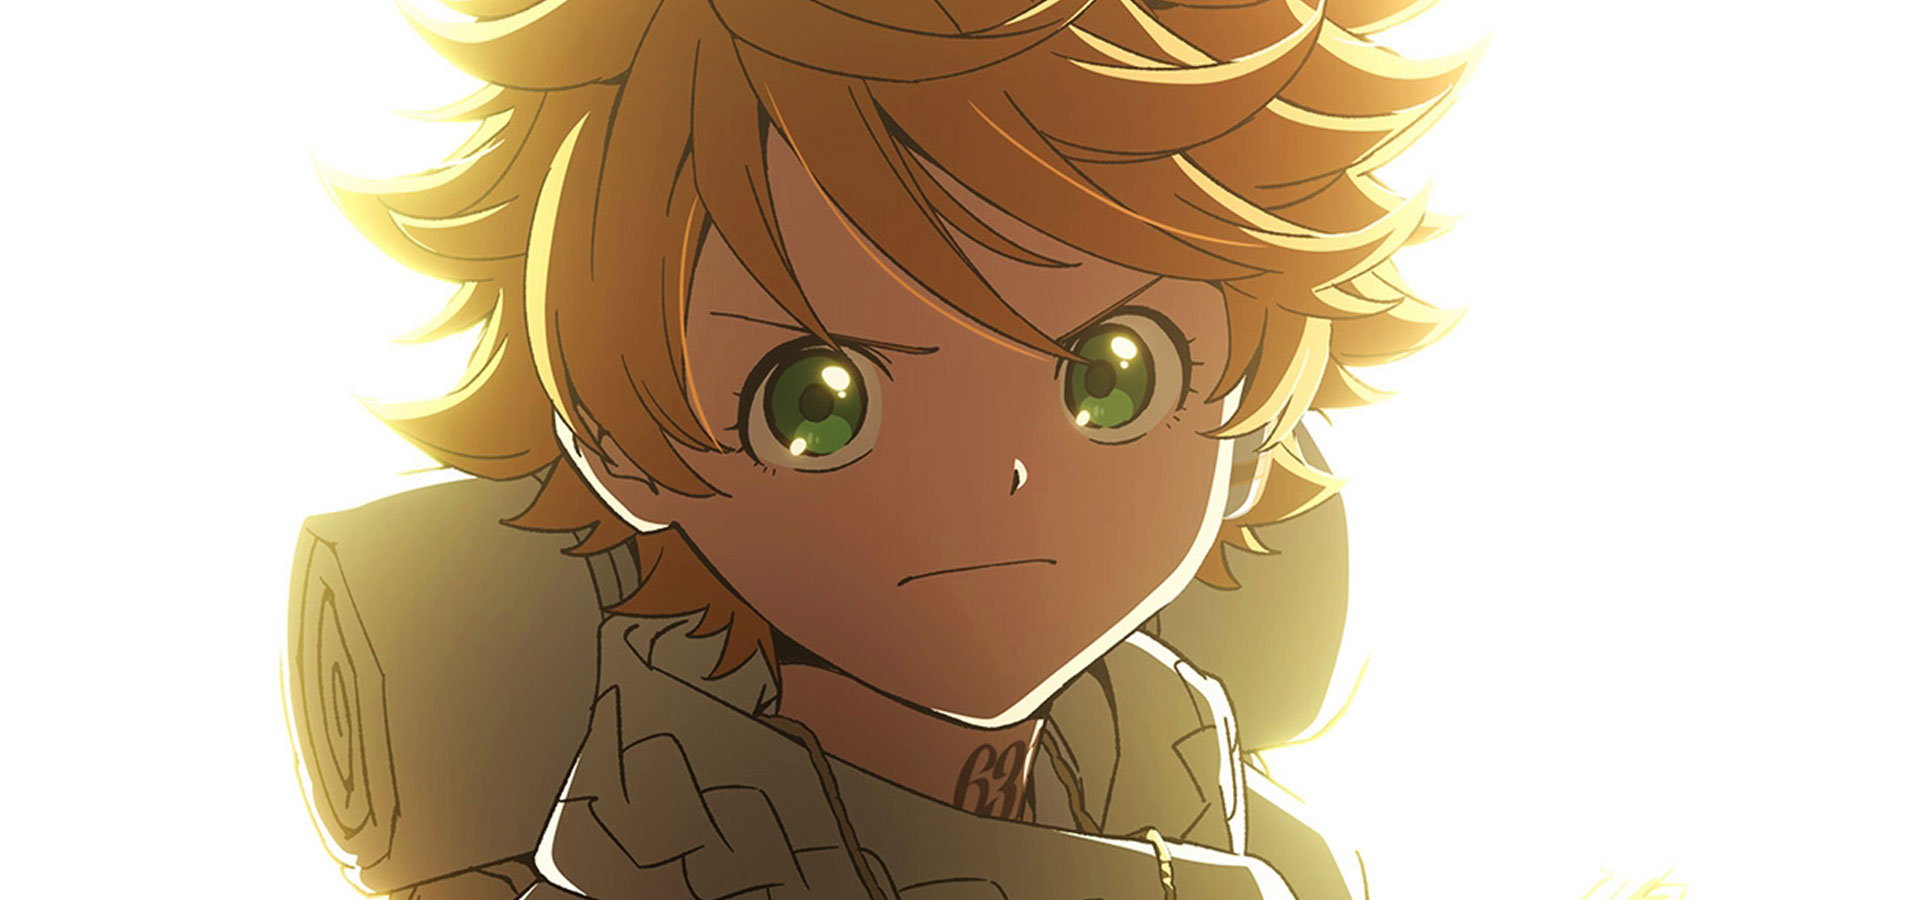 L'affiche de la saison 2 de l'anime The Promised Neverland